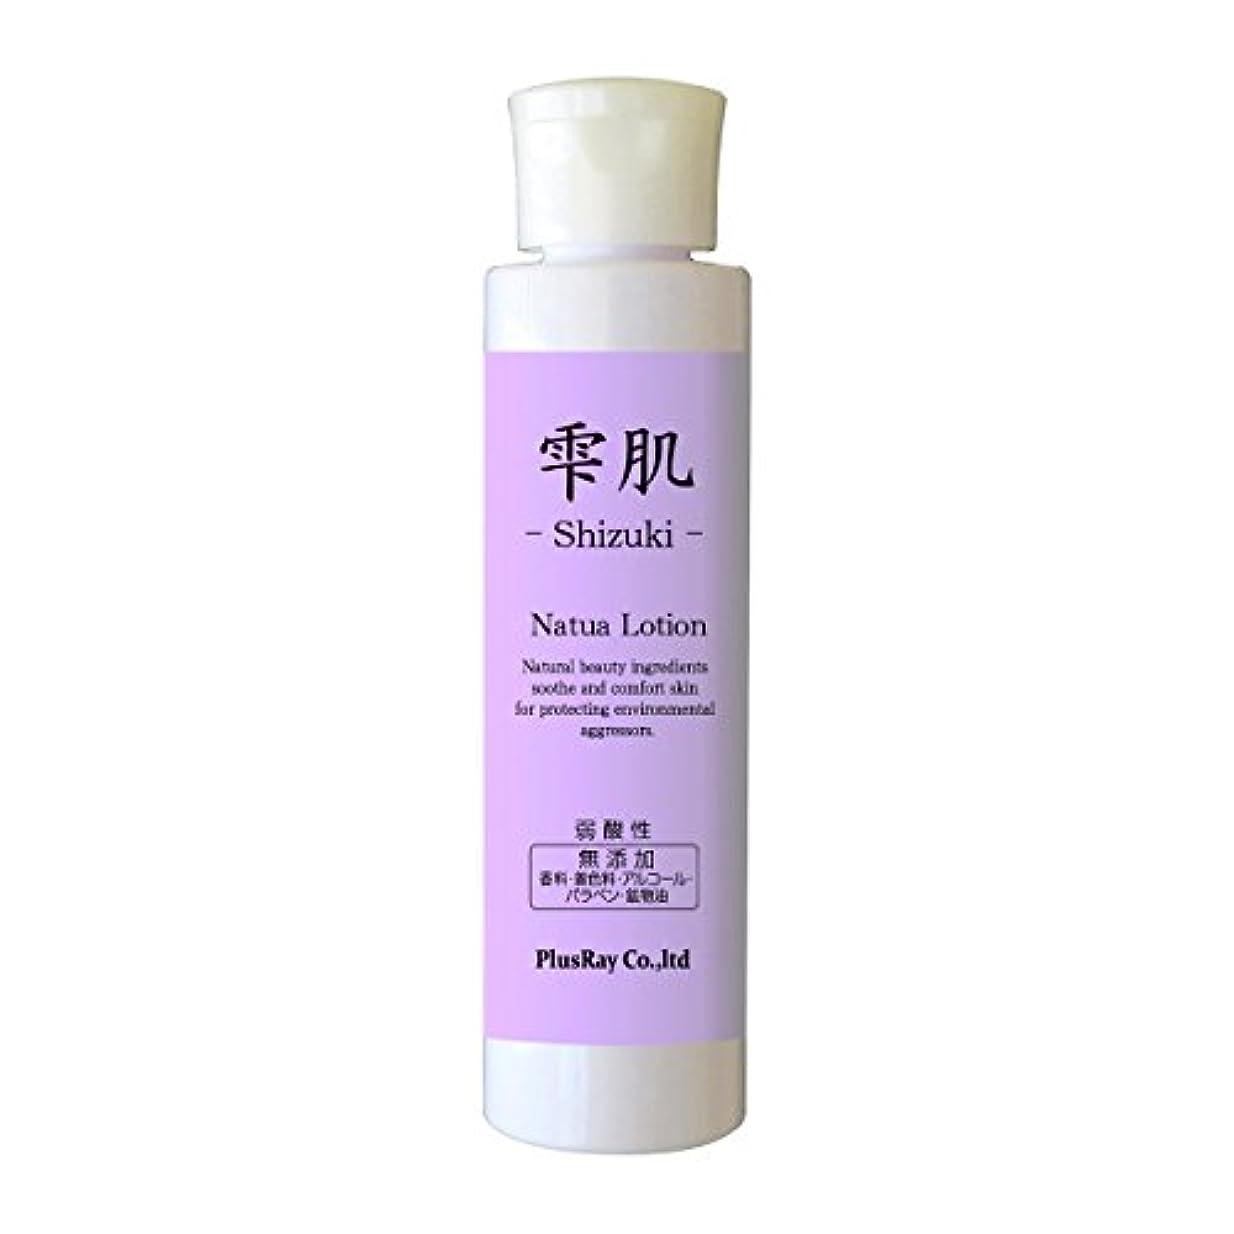 赤面入口溢れんばかりのプラスレイ(PlusRay)化粧品 ナチュアローション 雫肌 しづき アズレン 化粧水